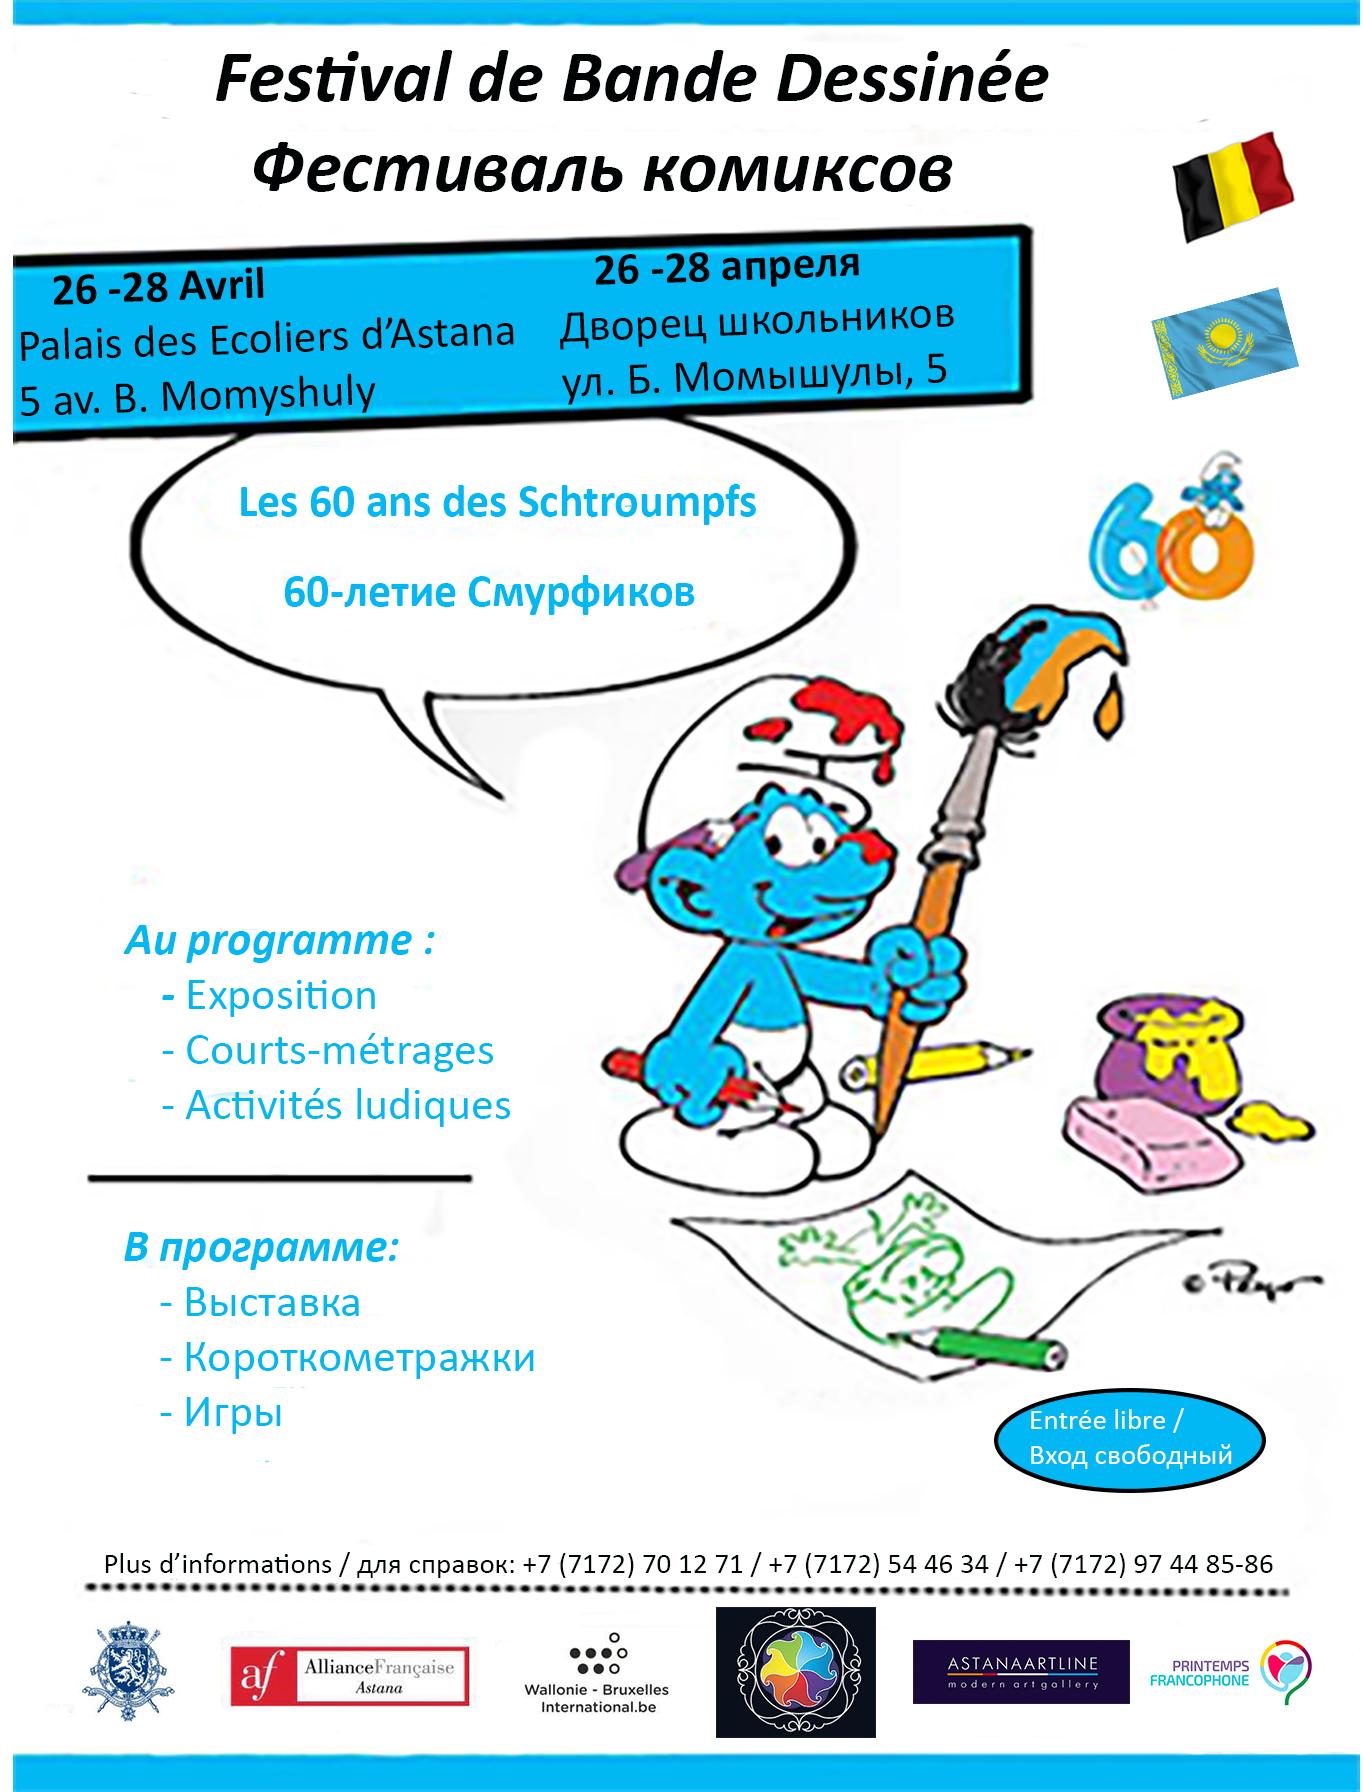 Exposition 60 Ans Schtroumpfs Au Palais Des Ecoliers A Astana